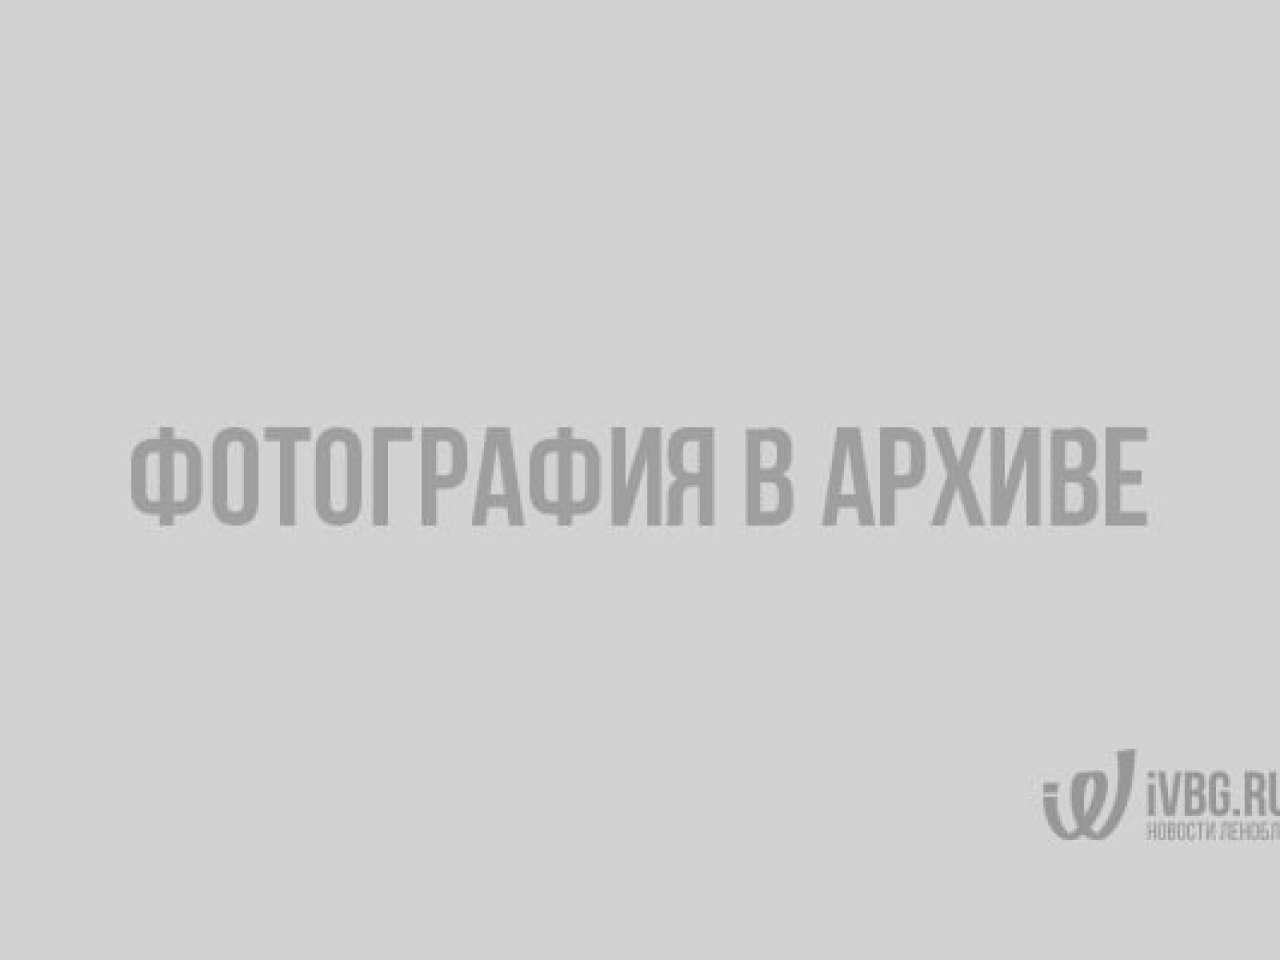 """Парк """"Монрепо"""" из-за сильной засухи стал осенним раньше времени — фото Музей-заповедник """"Парк Монрепо"""", Ленобласть, Засуха, Выборг, аномальная жара"""